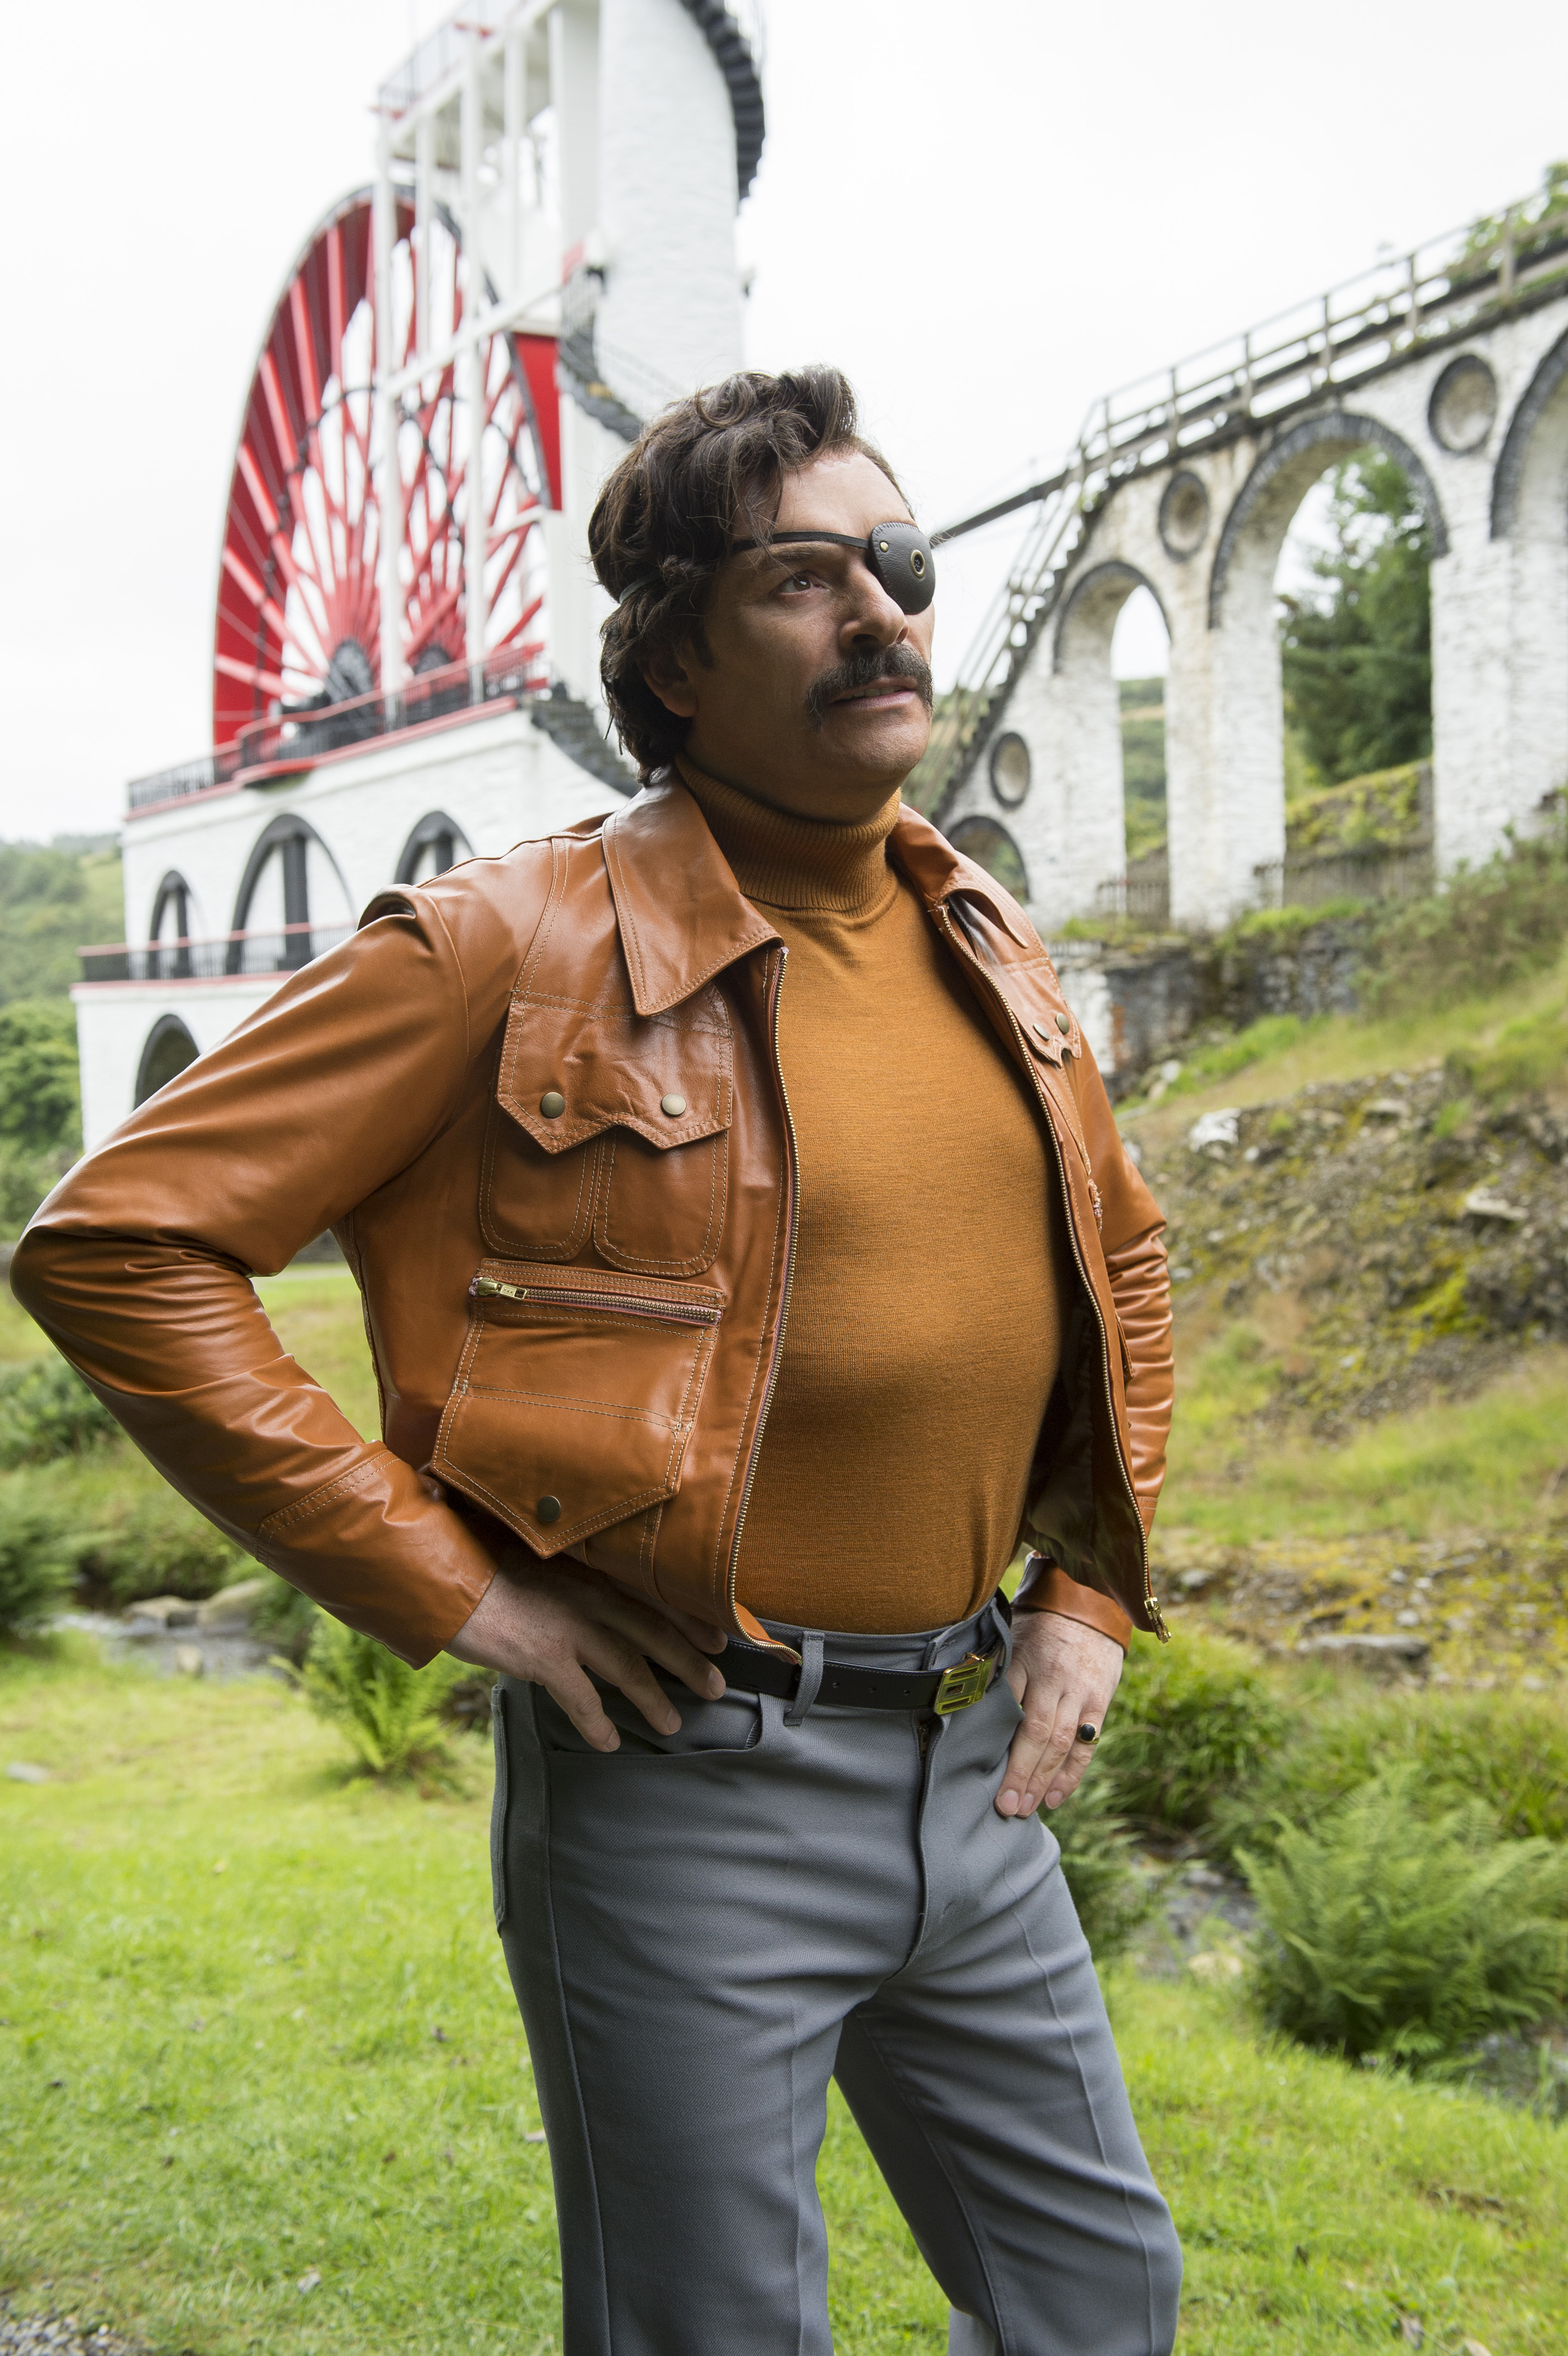 Julian Barratt as Mindhorn